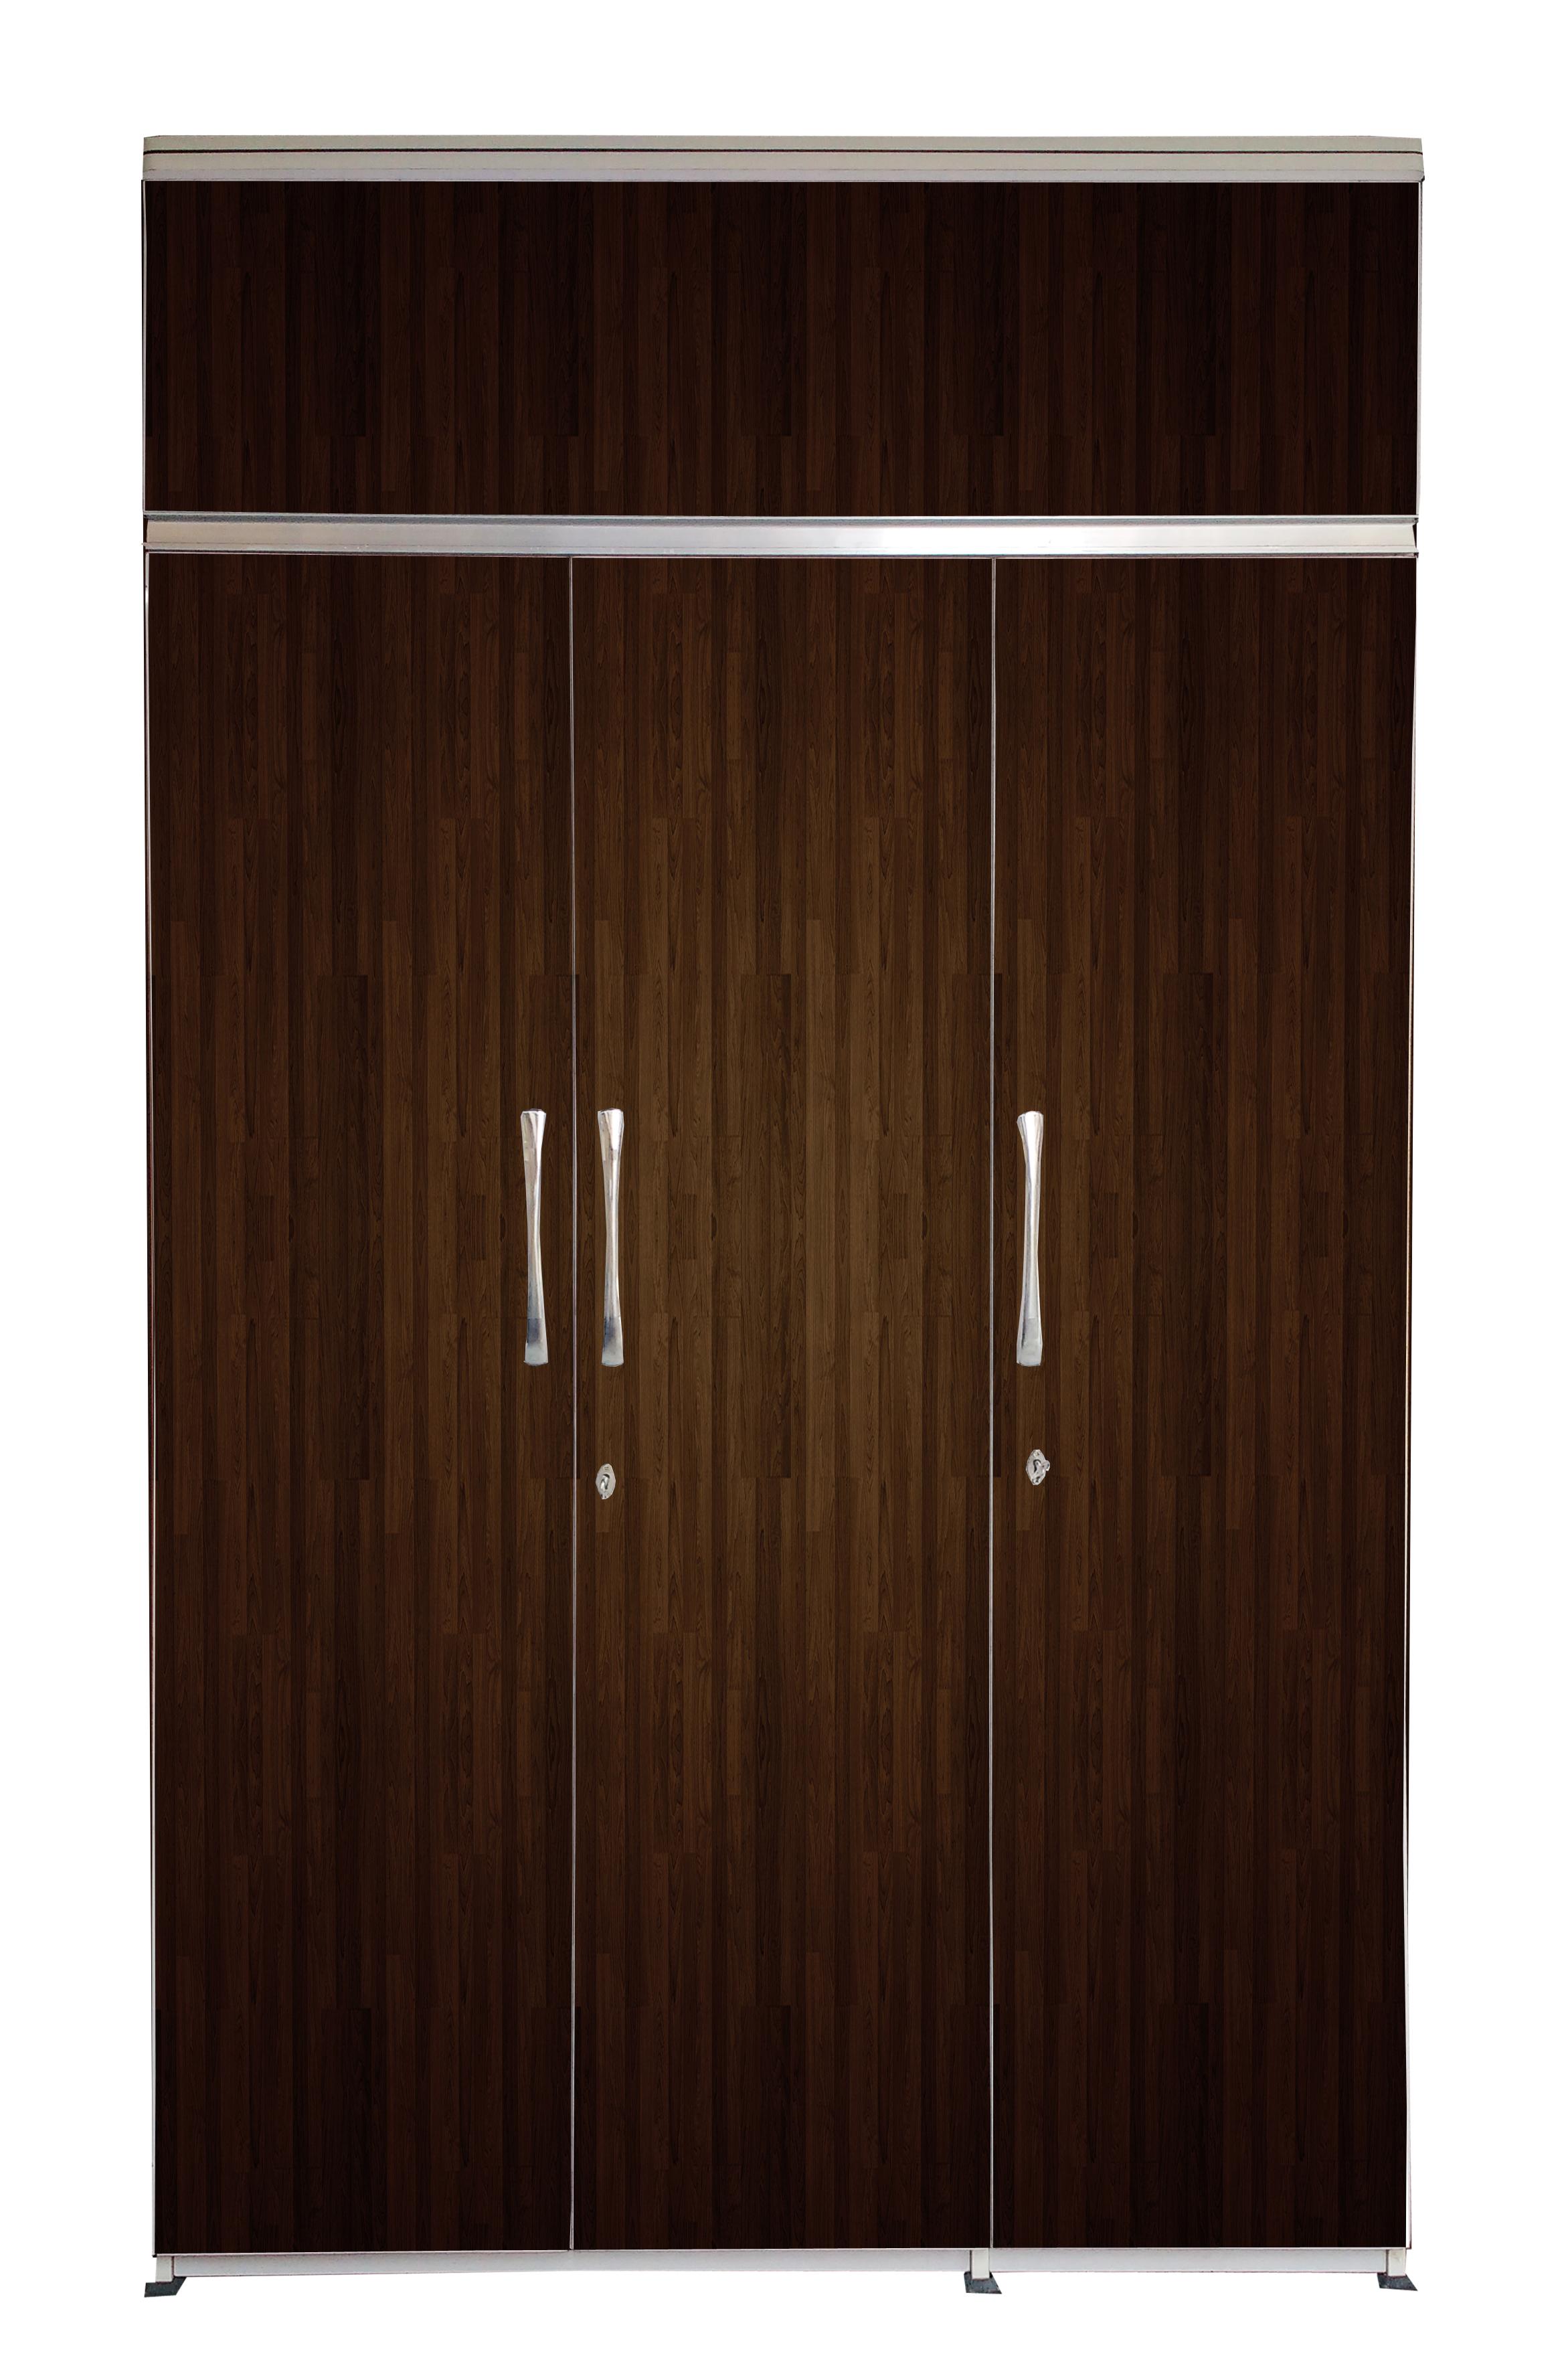 BS-3D-13-Wooden Texture-01-B